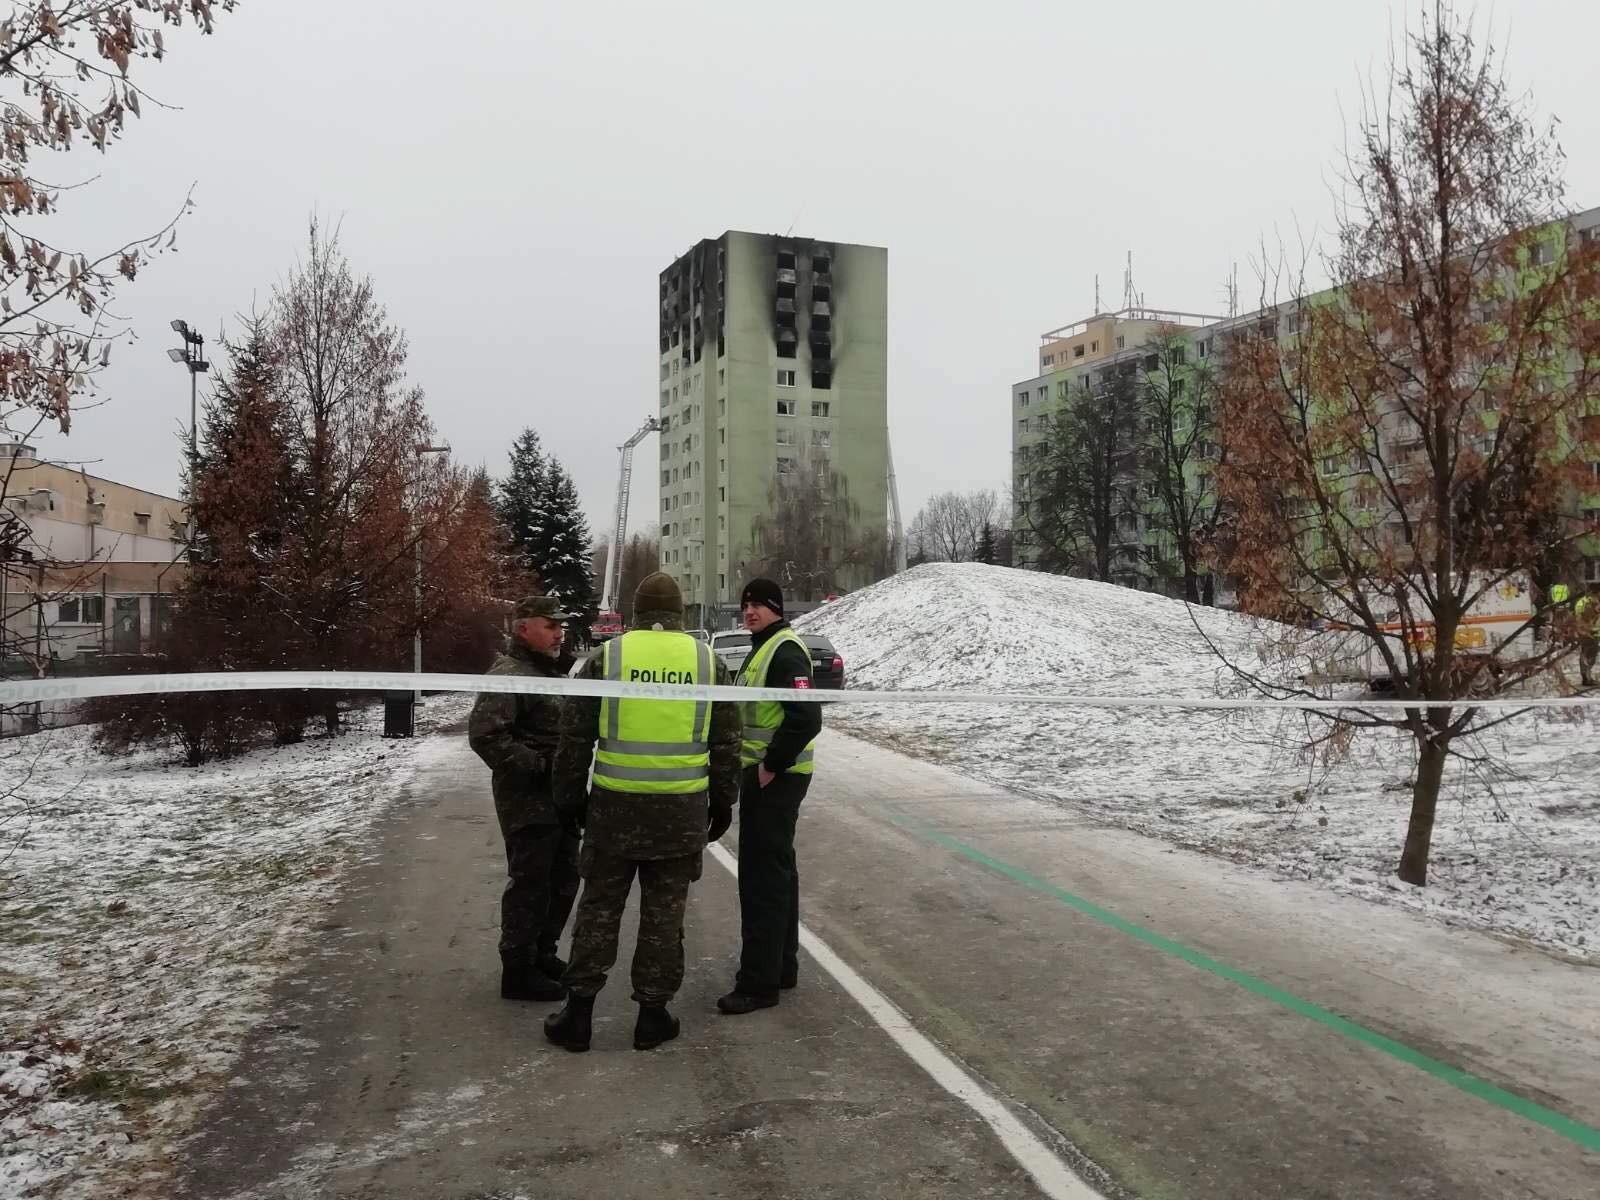 Słowacja. Trzy osoby zatrzymane po wybuchu gazu i pożarze w Preszowie